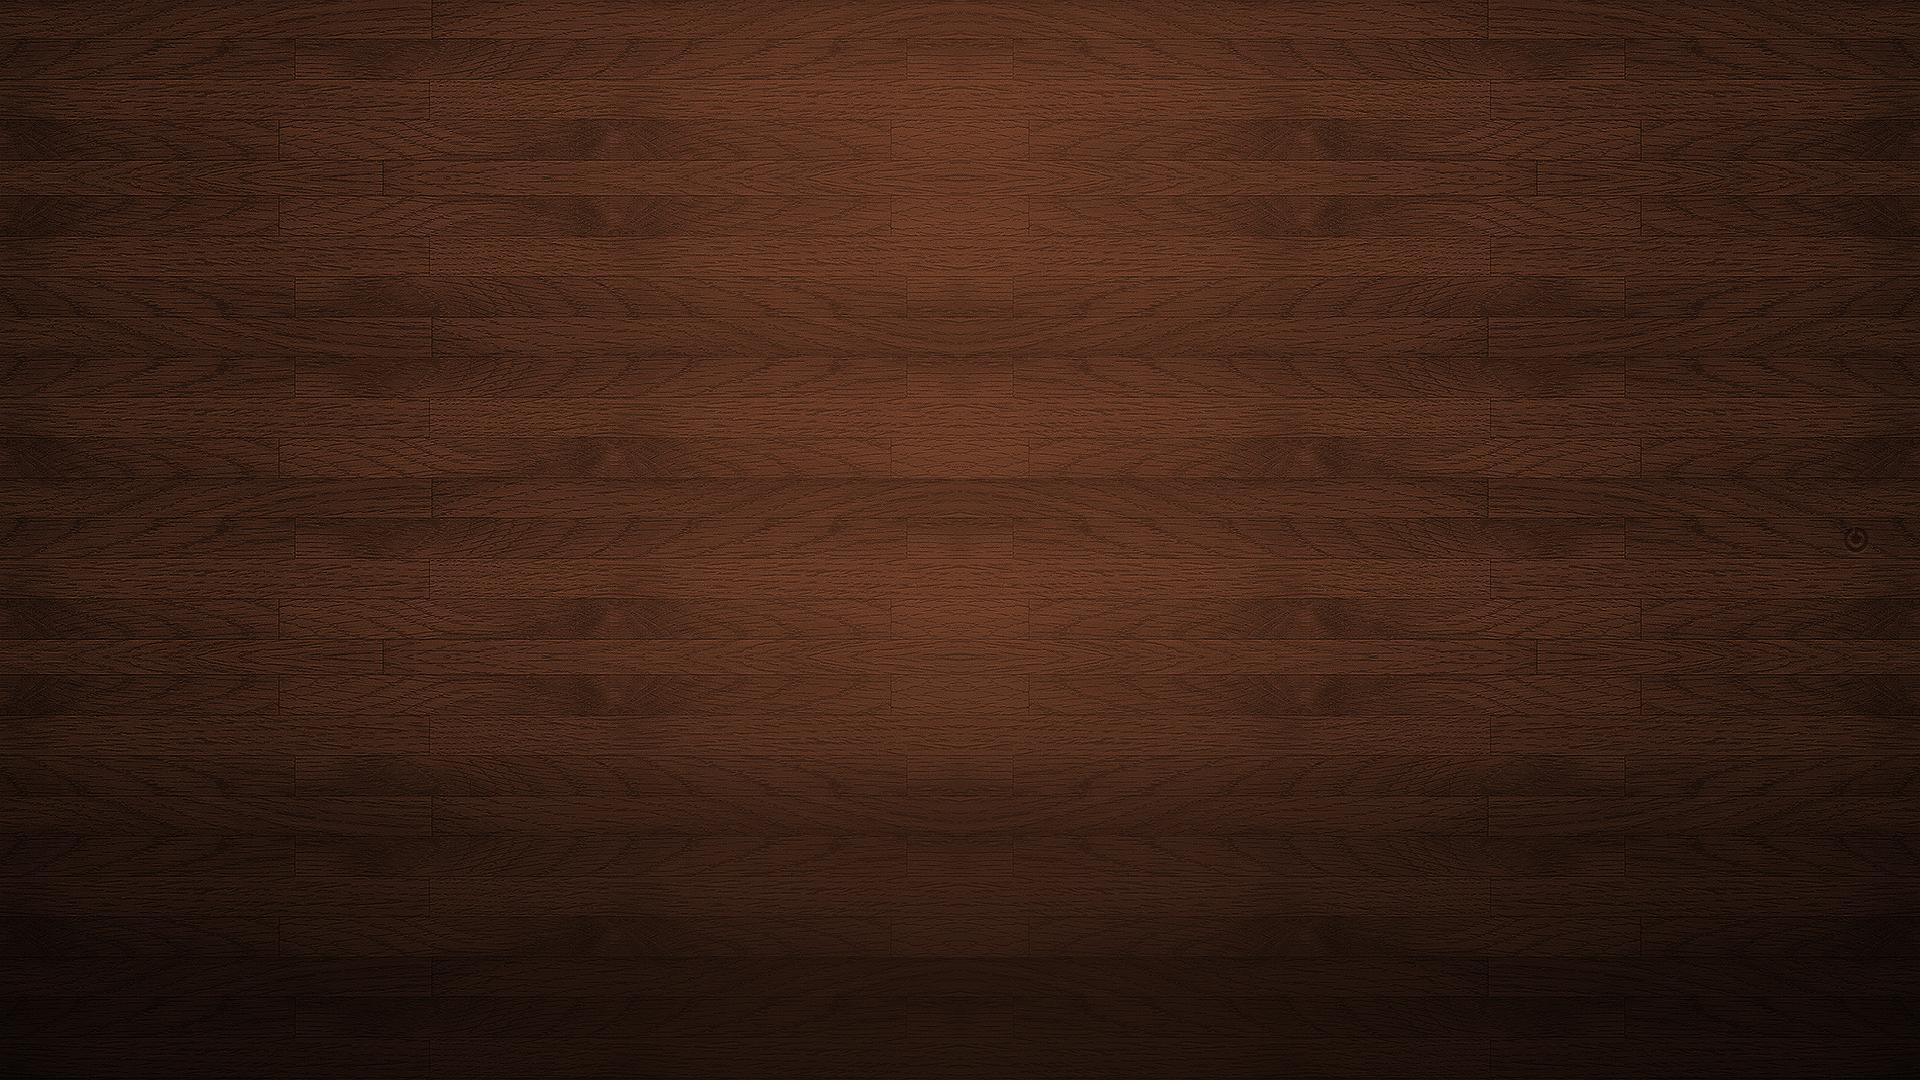 текстура дерево стена свет  № 3141202  скачать